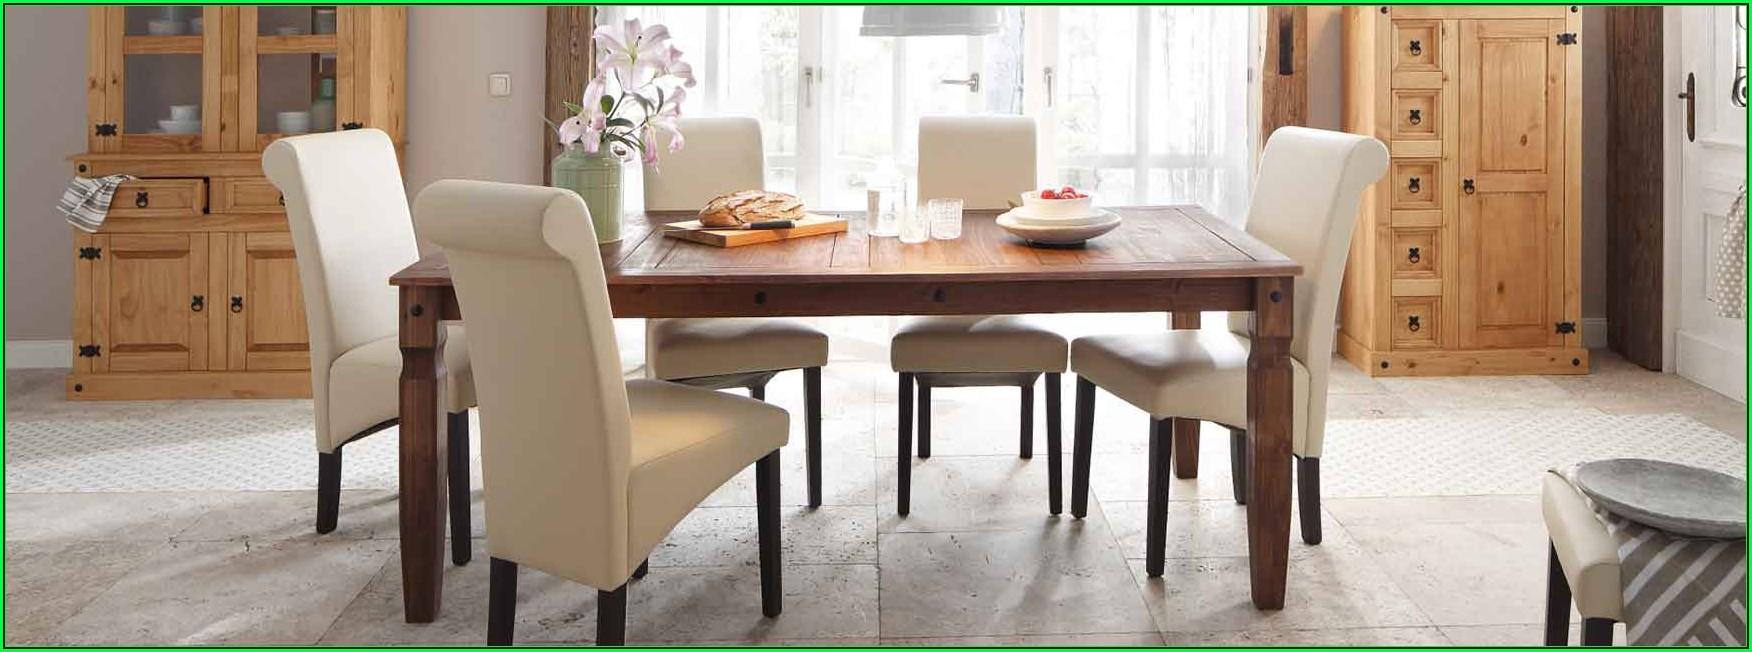 Esszimmer Stühle Zu Weißem Tisch